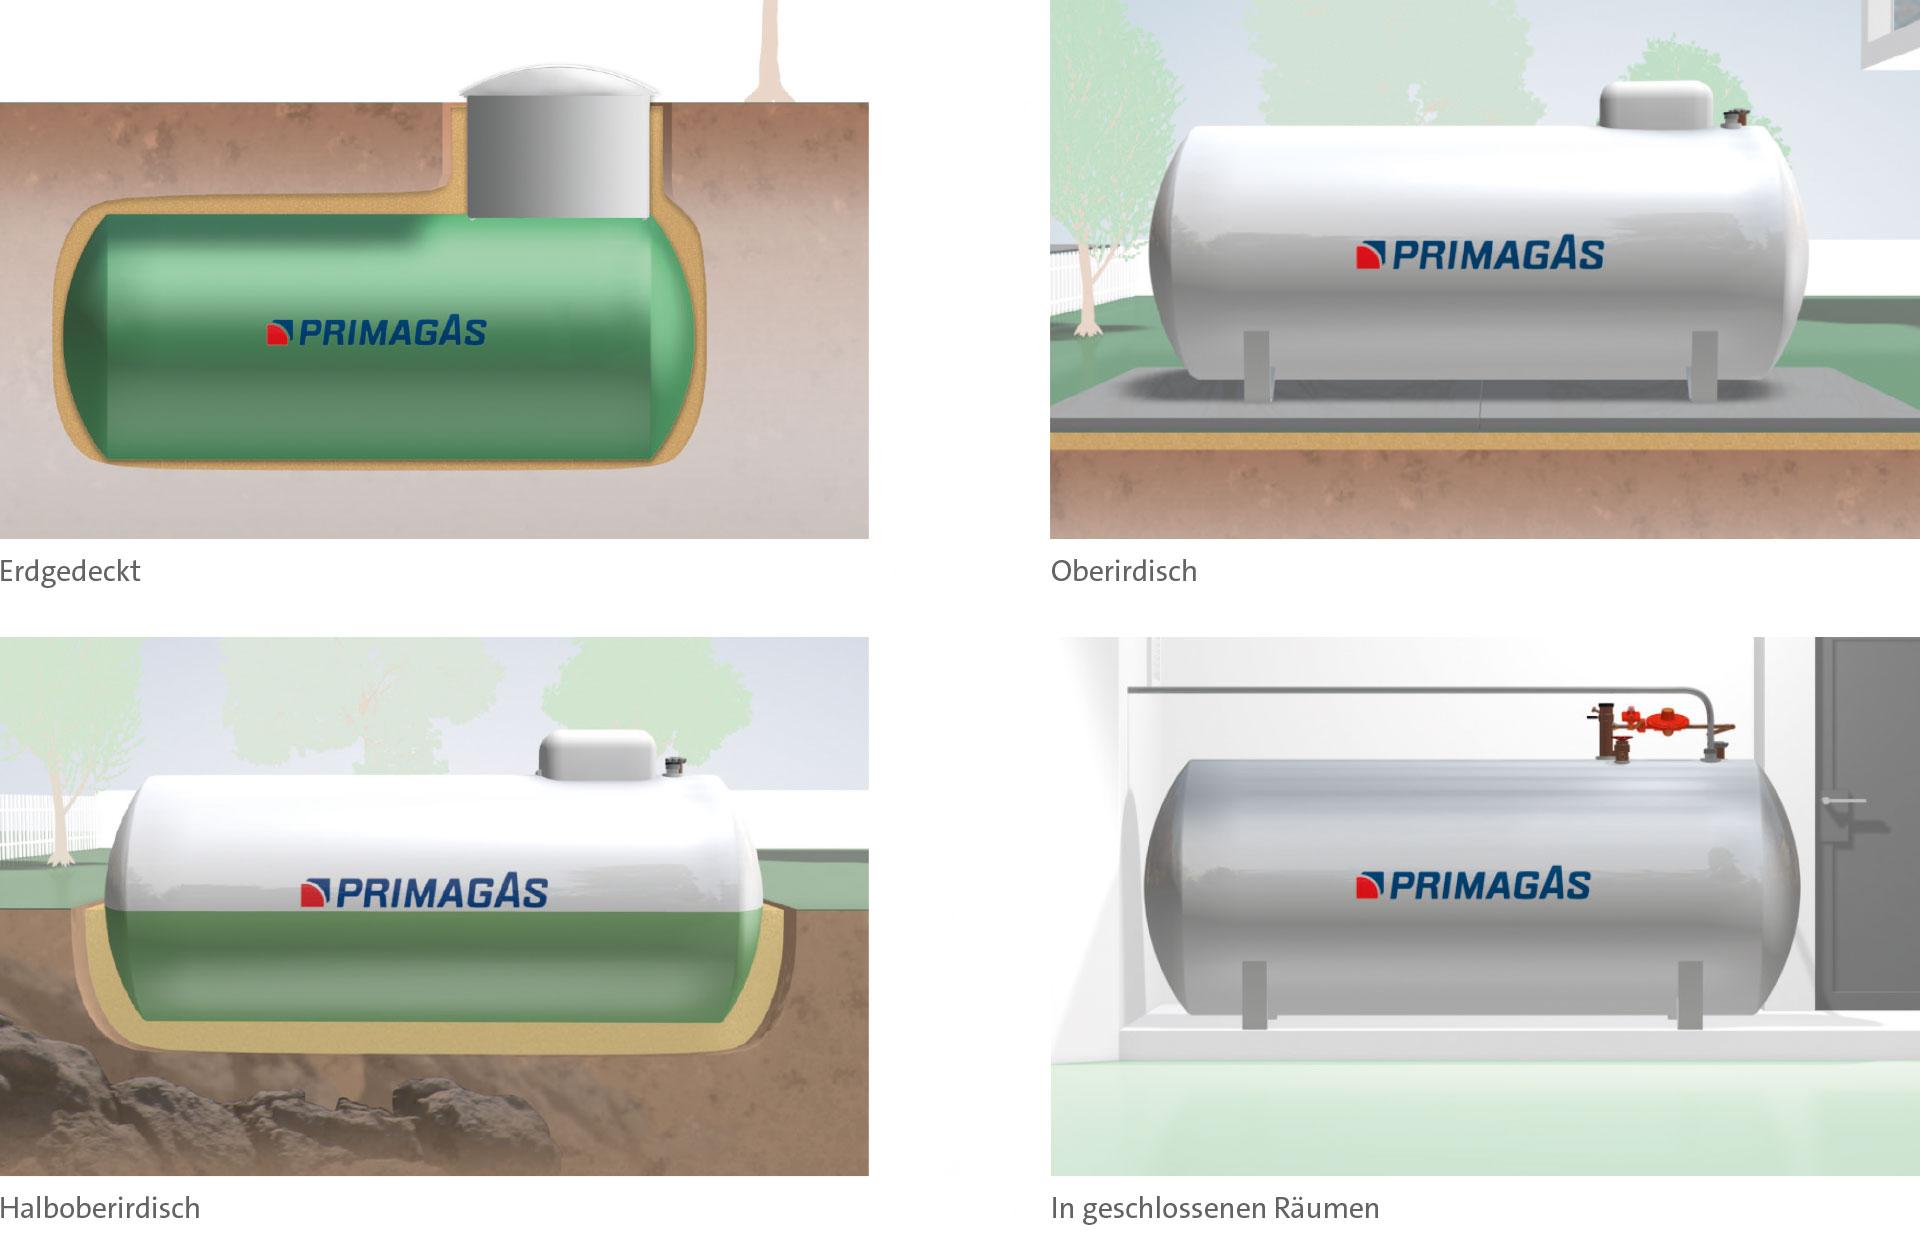 Verschiedene Behälterlösungen zur Flüssiggasversorgung von Privat- und Gewerbeimmobilien